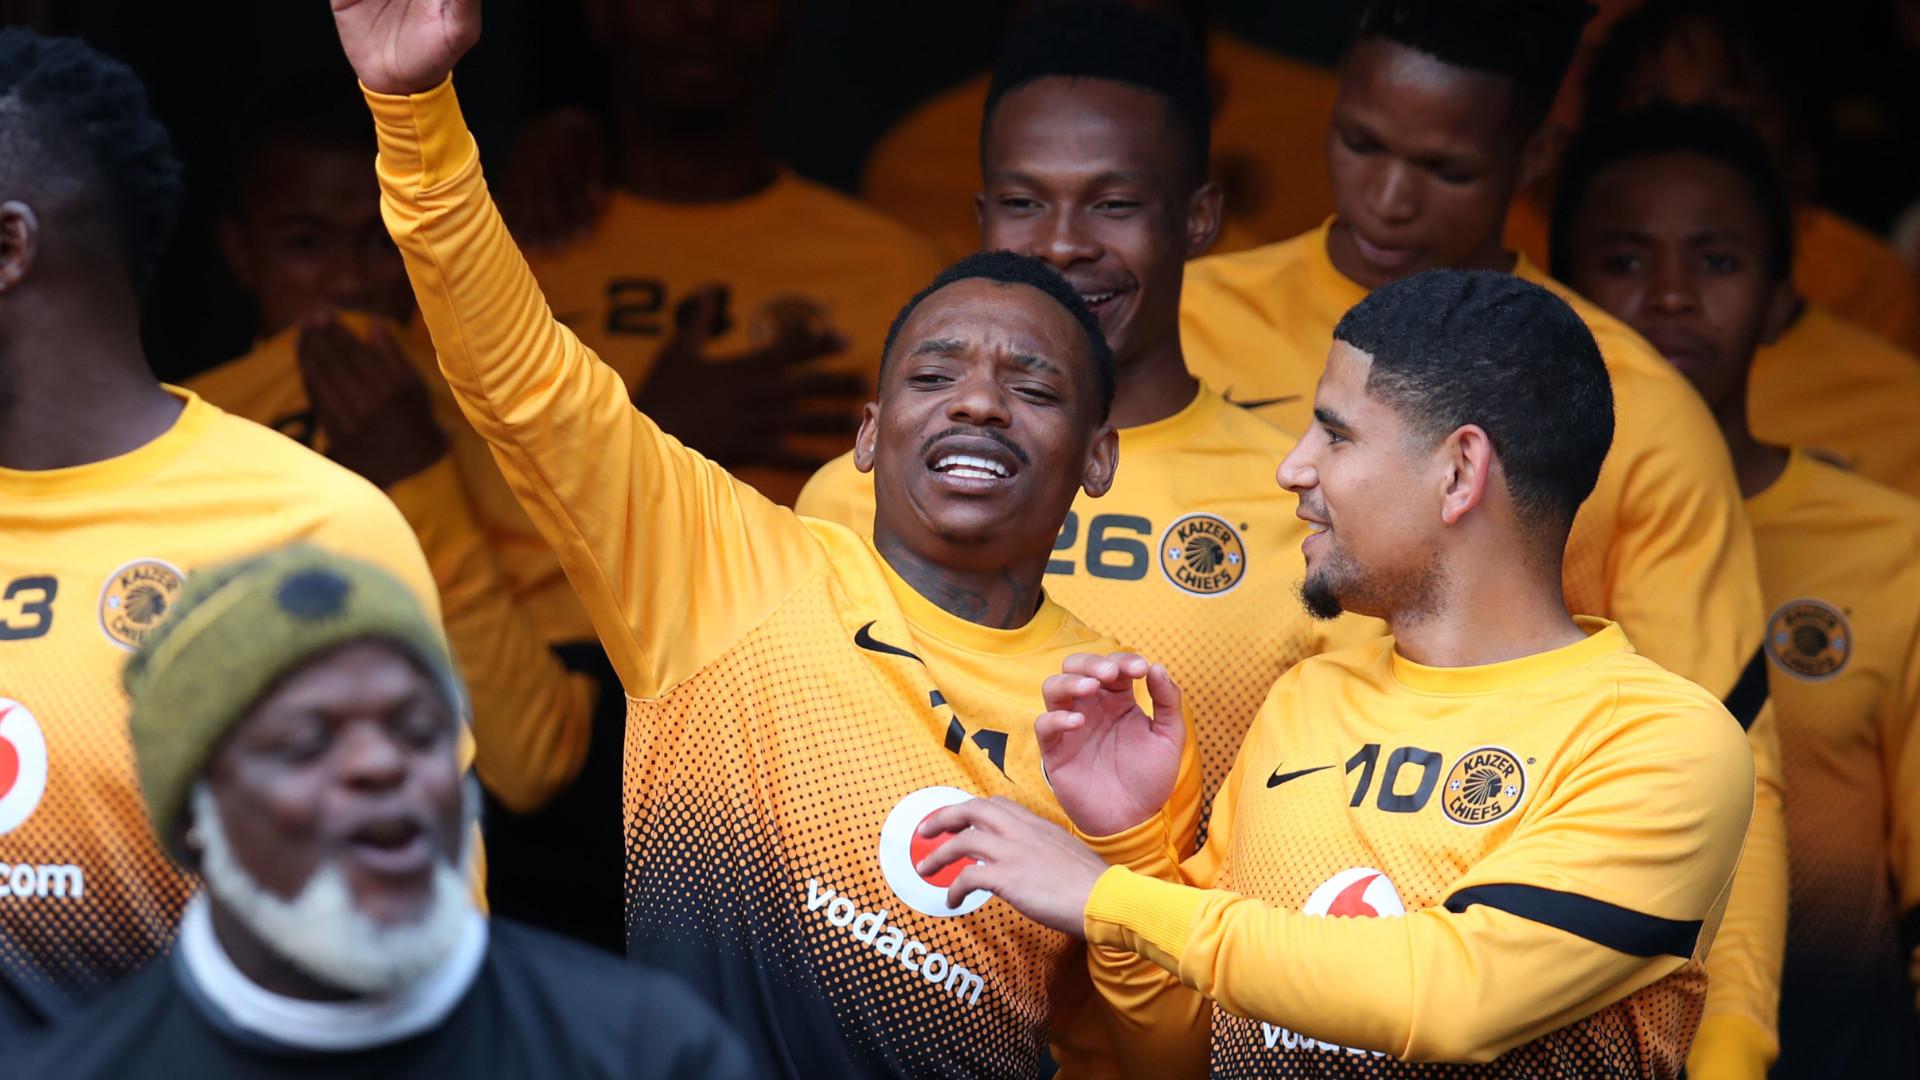 Revealed: Kaizer Chiefs XI vs Chippa United – Nkosingiphile Ngcobo starts, Cardoso benched again